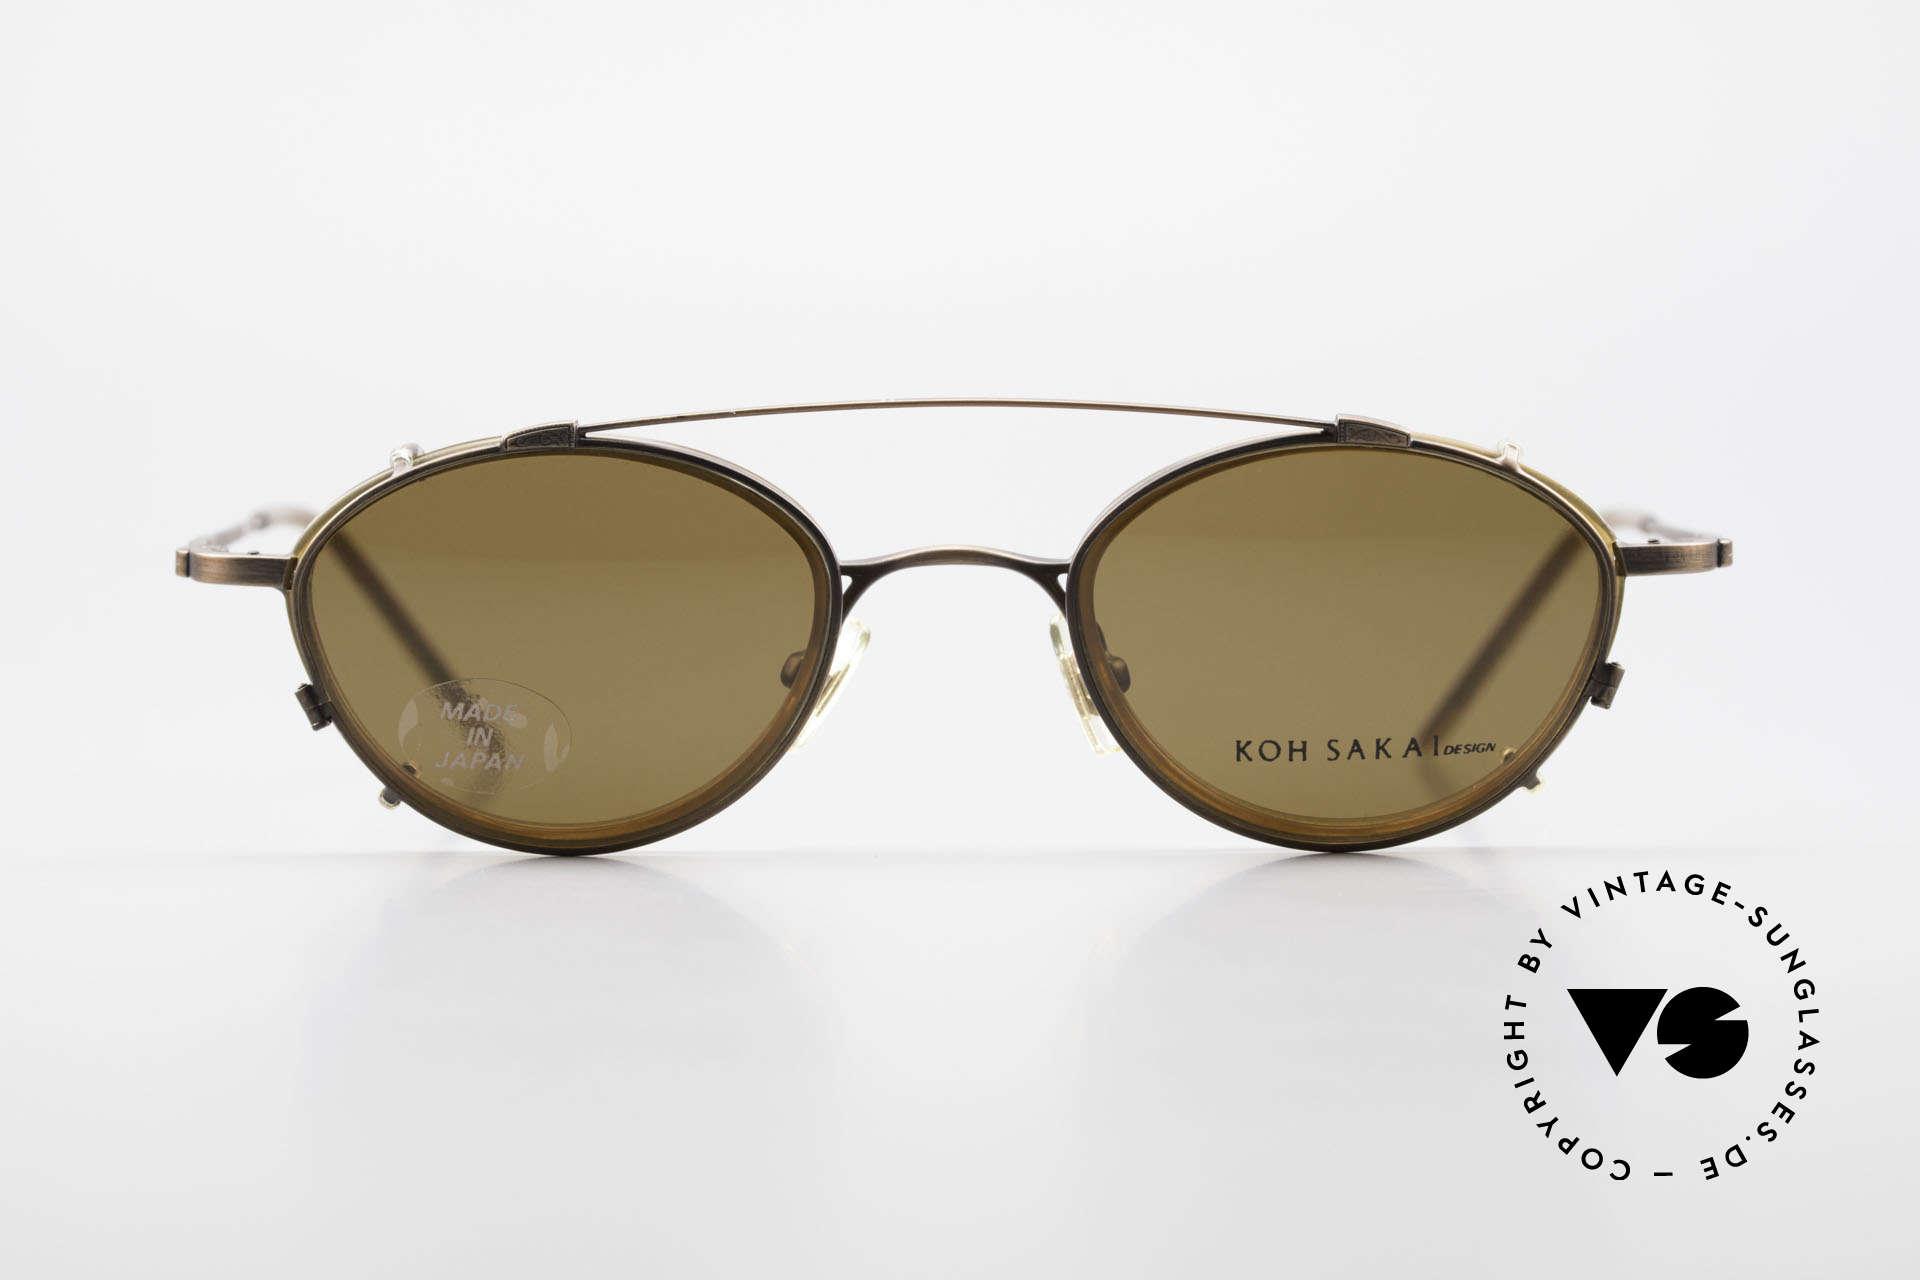 Koh Sakai KS9832 Vintage Brille Mit SonnenClip, Koh Sakai, BADA und OKIO Brillen waren ein Vertrieb, Passend für Herren und Damen